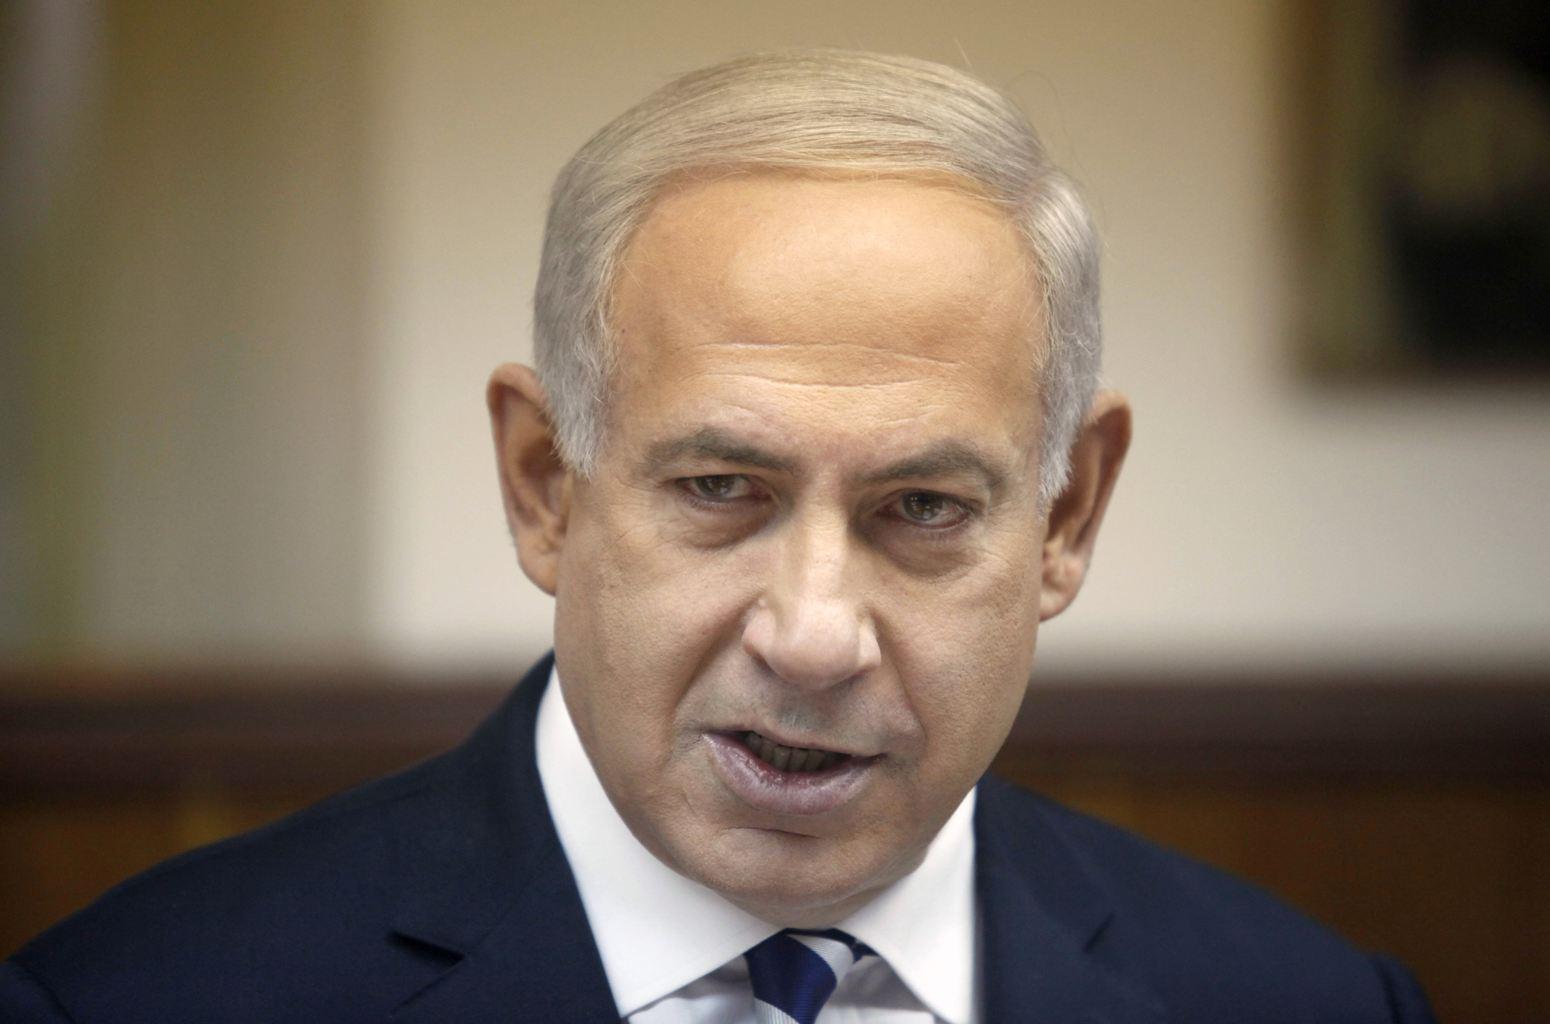 Netanyahu balaie les condamnations, rejette le vote de l'Onu